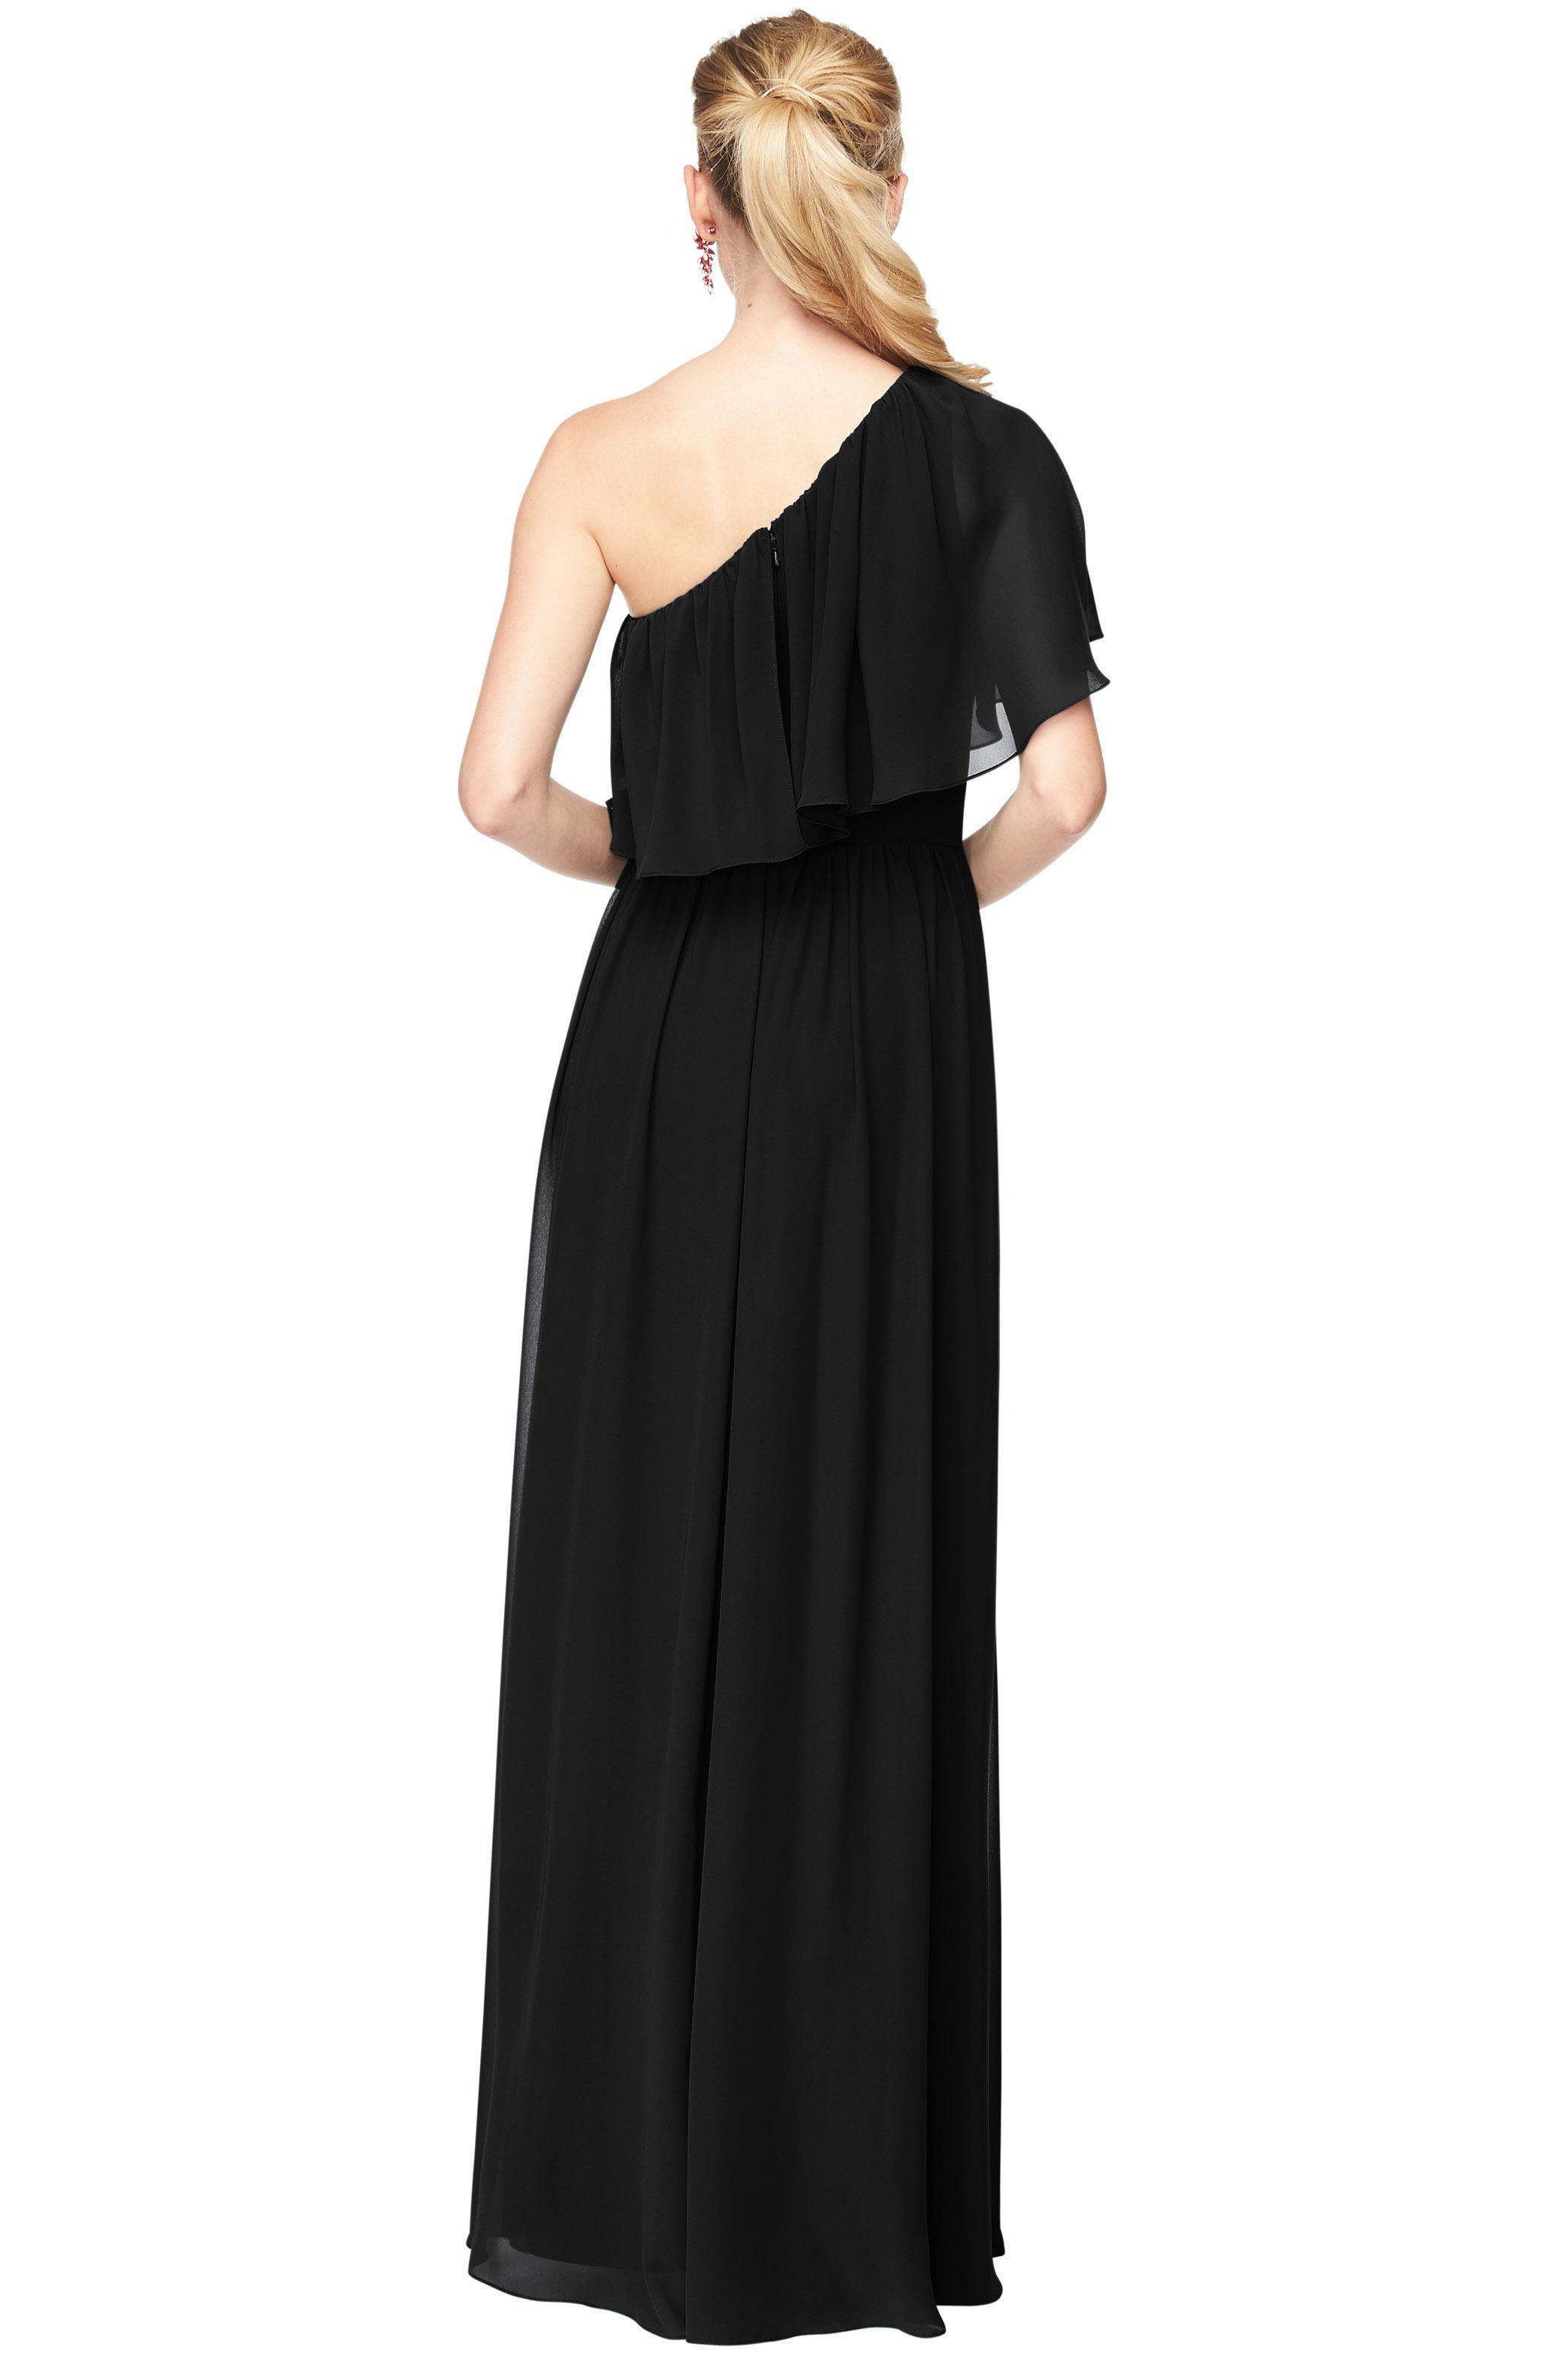 Bill Levkoff BLACK Chiffon One Shoulder A-Line gown, $184.00 Back